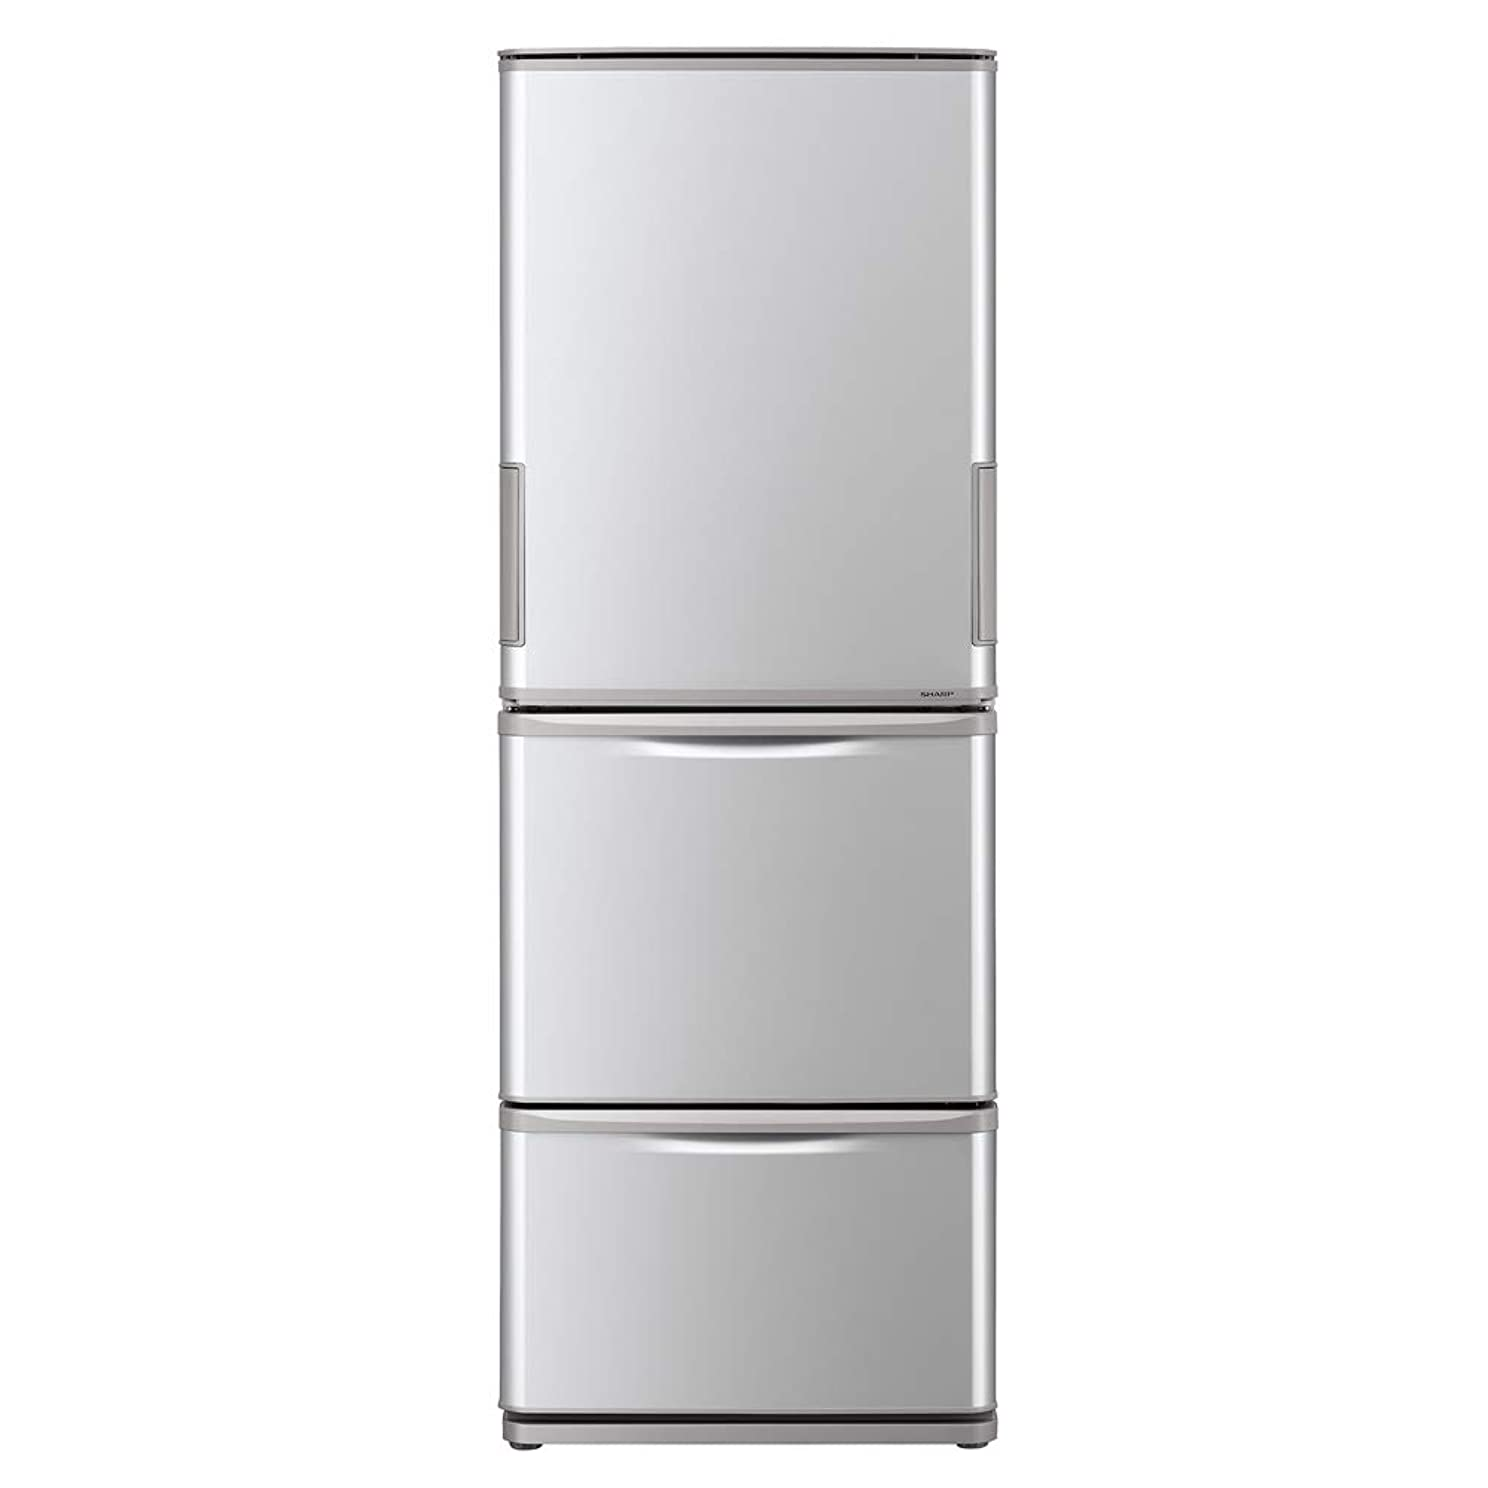 インタラクション反逆隙間S-cubism 冷凍庫 32L 1ドア 直令式 冷凍庫 ブラックWFR-1032BK